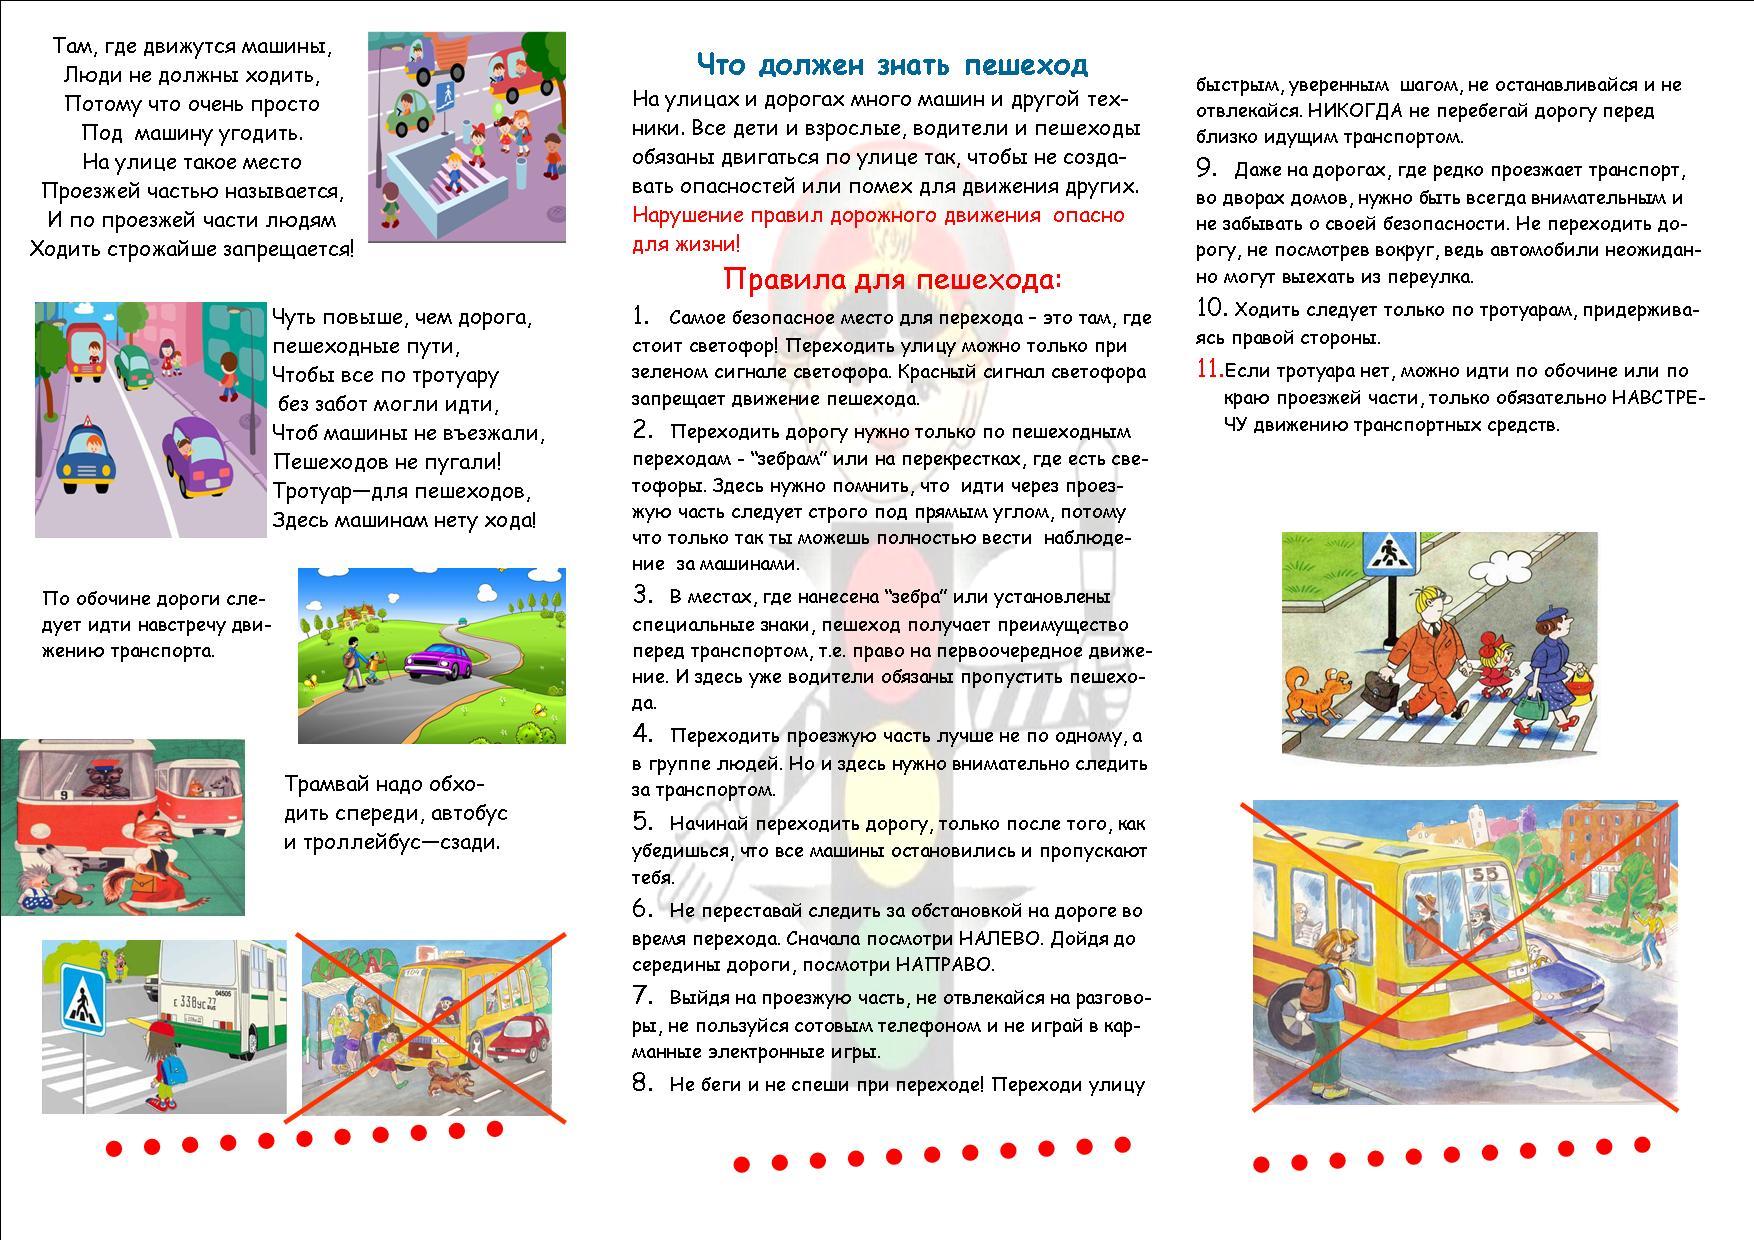 Картинки по запросу ПДД пешеход